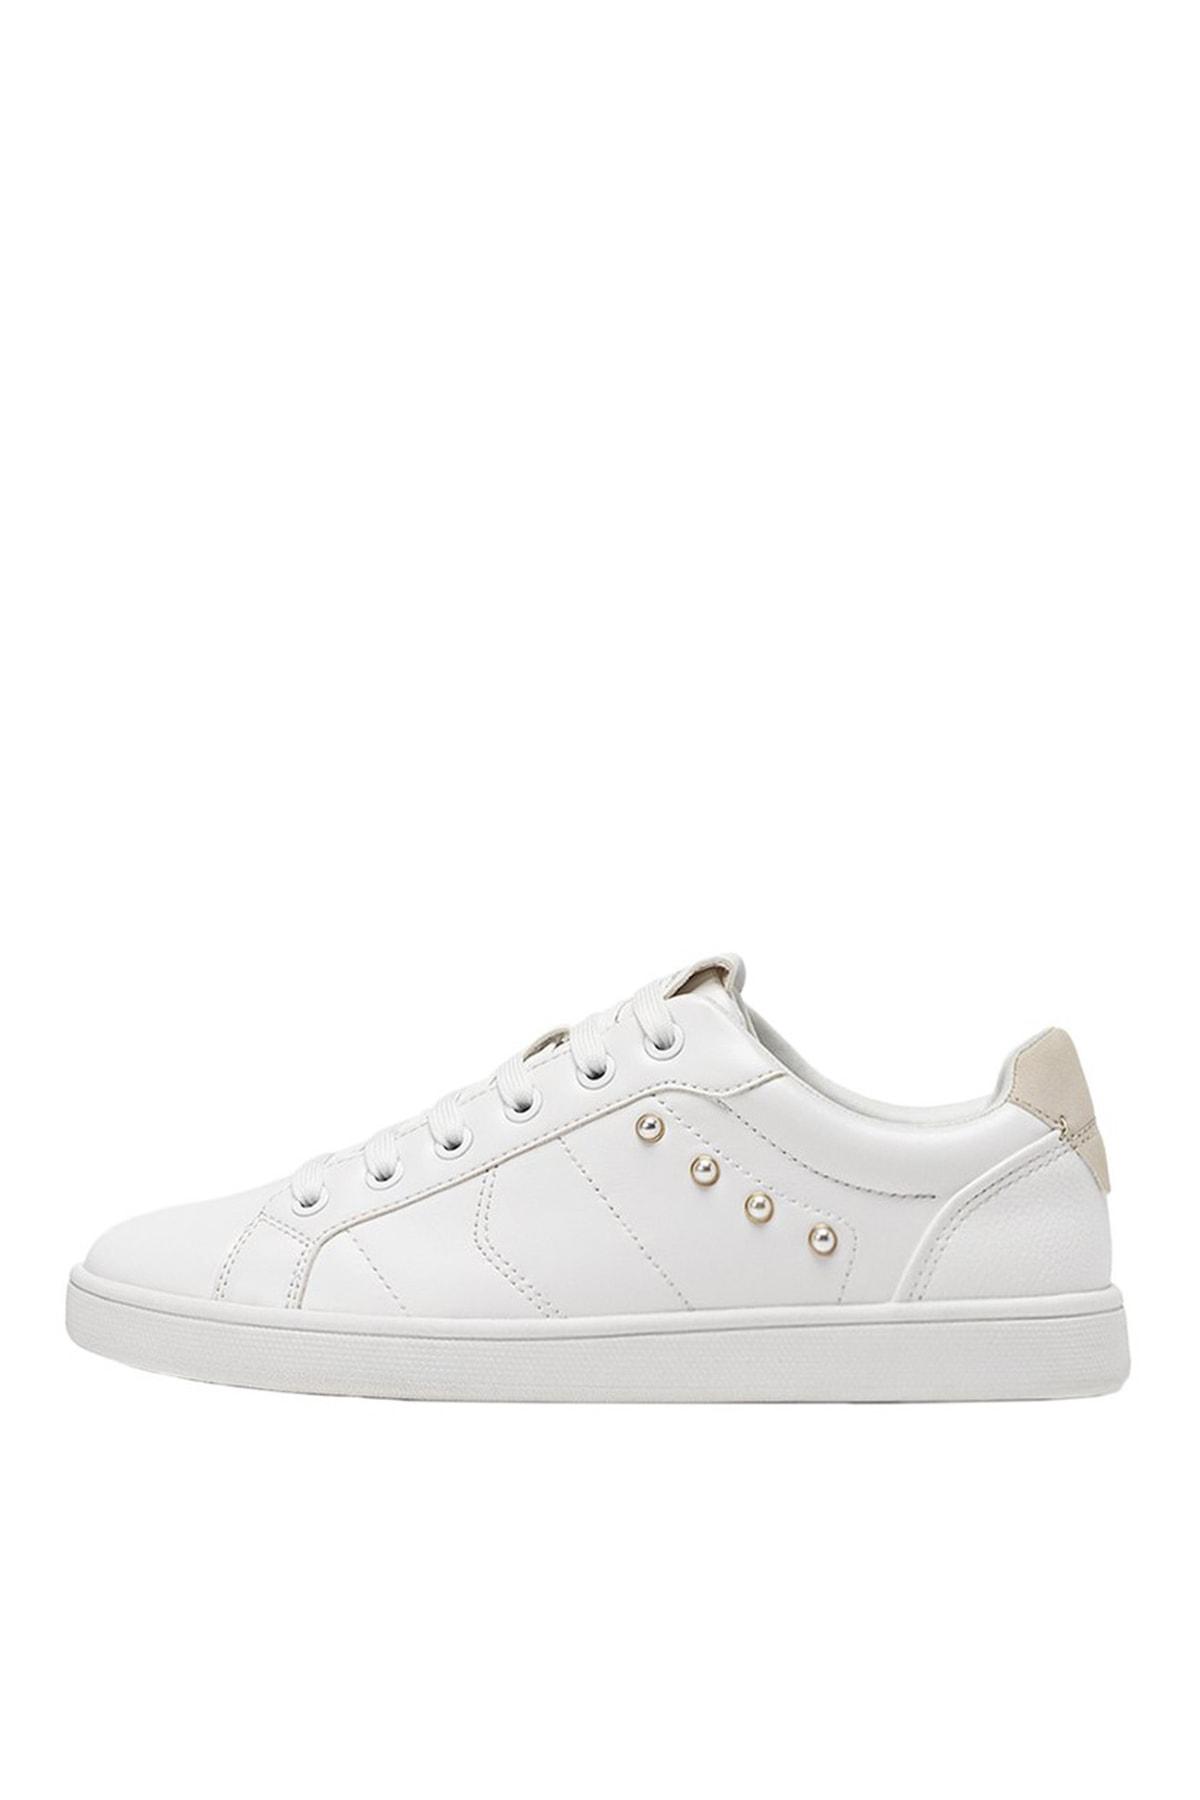 Stradivarius Kadın Beyaz Suni Inci Boncuklu Beyaz Spor Ayakkabı 19005570